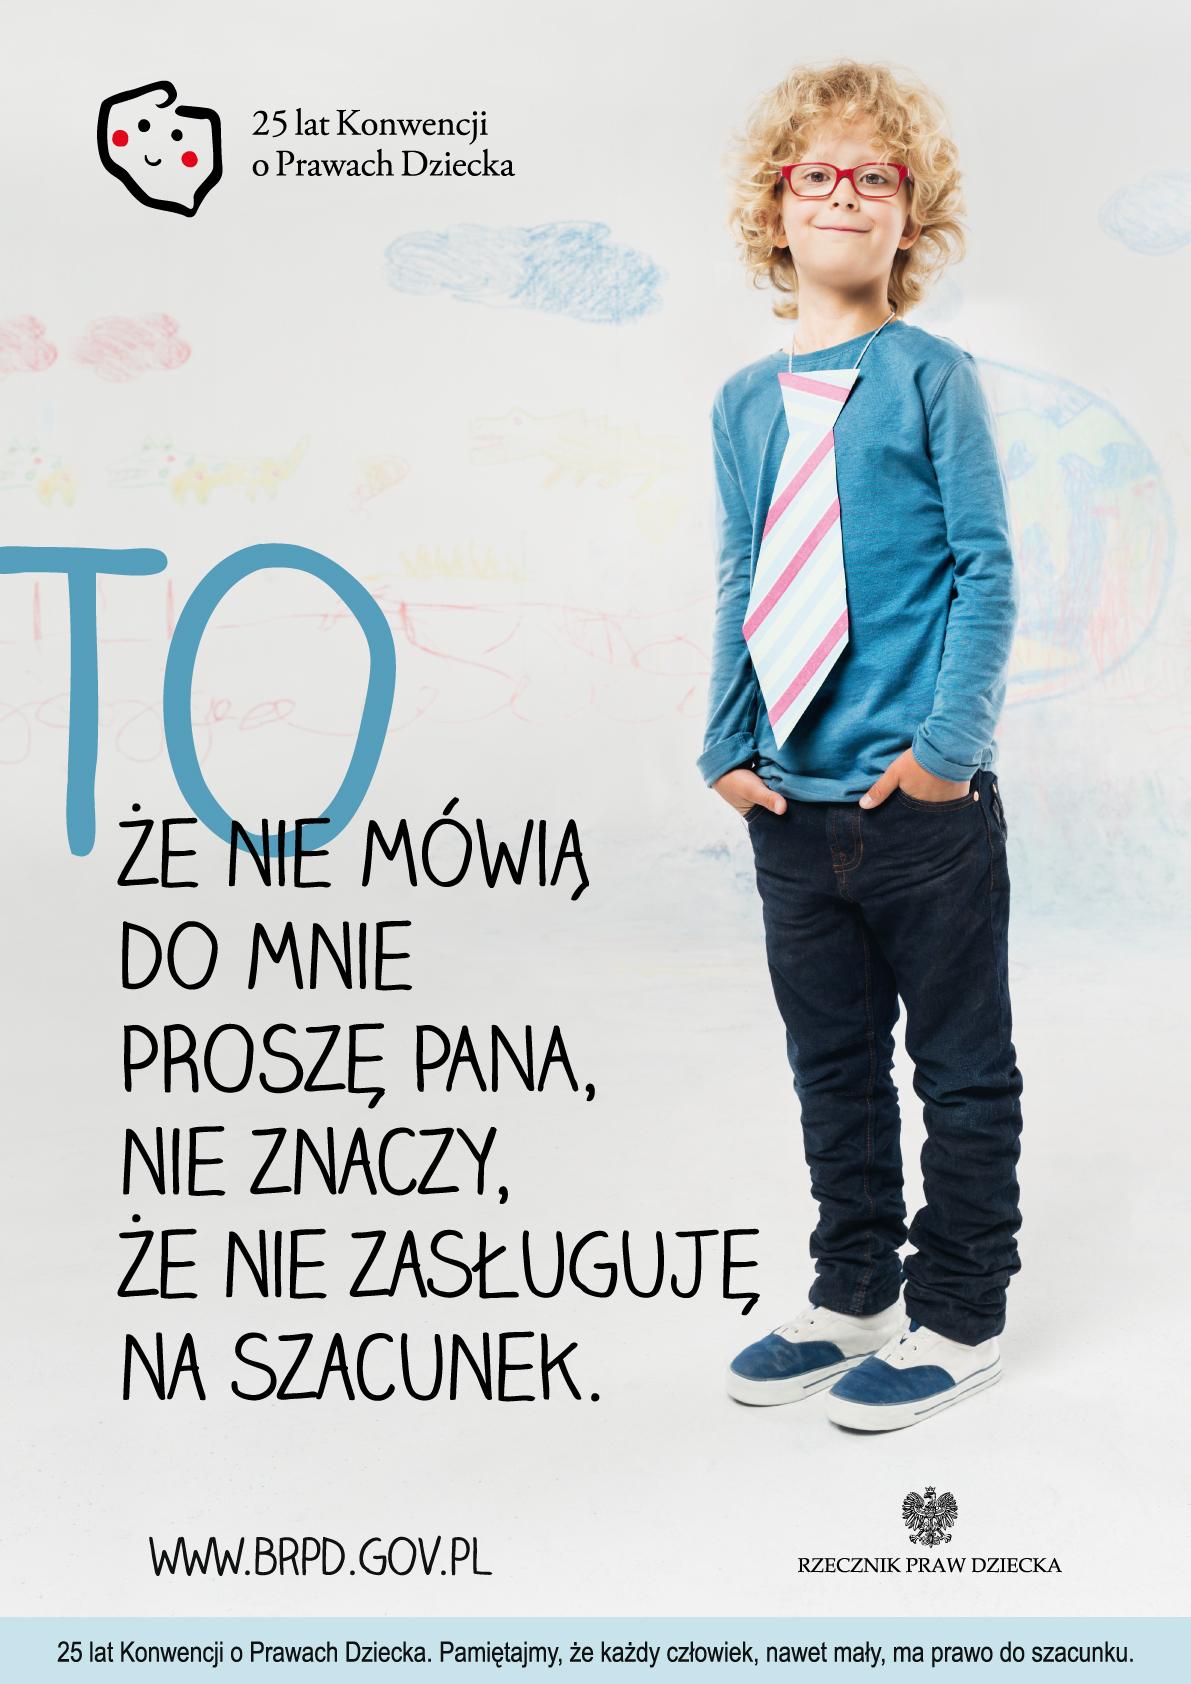 http://brpd.gov.pl/sites/default/files/plakat_25_lat_kopd_-_chlopiec.jpg